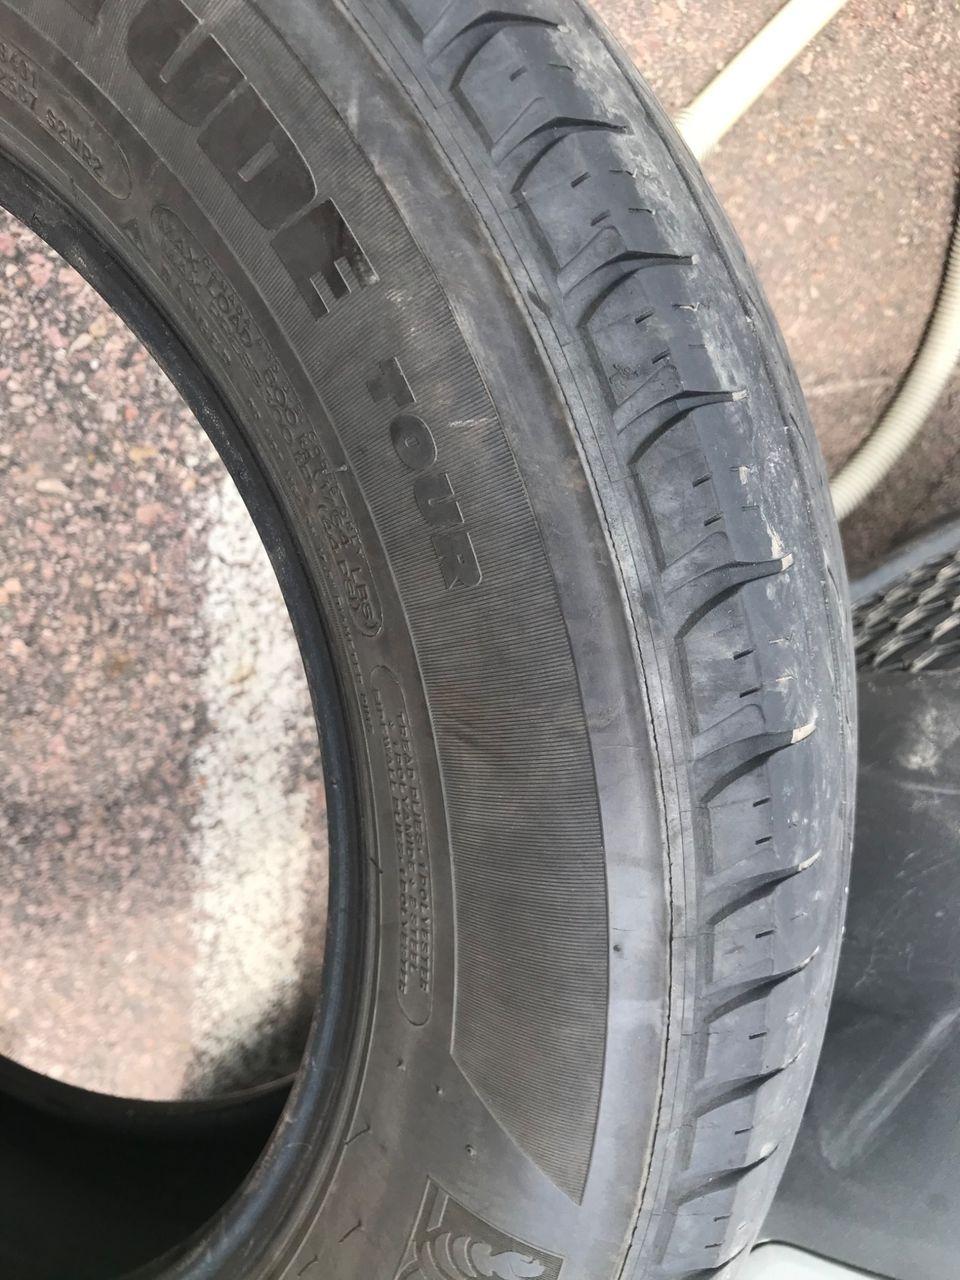 2011 Kia Sorento LX   Salem, SD, Bright Silver (Silver), All Wheel